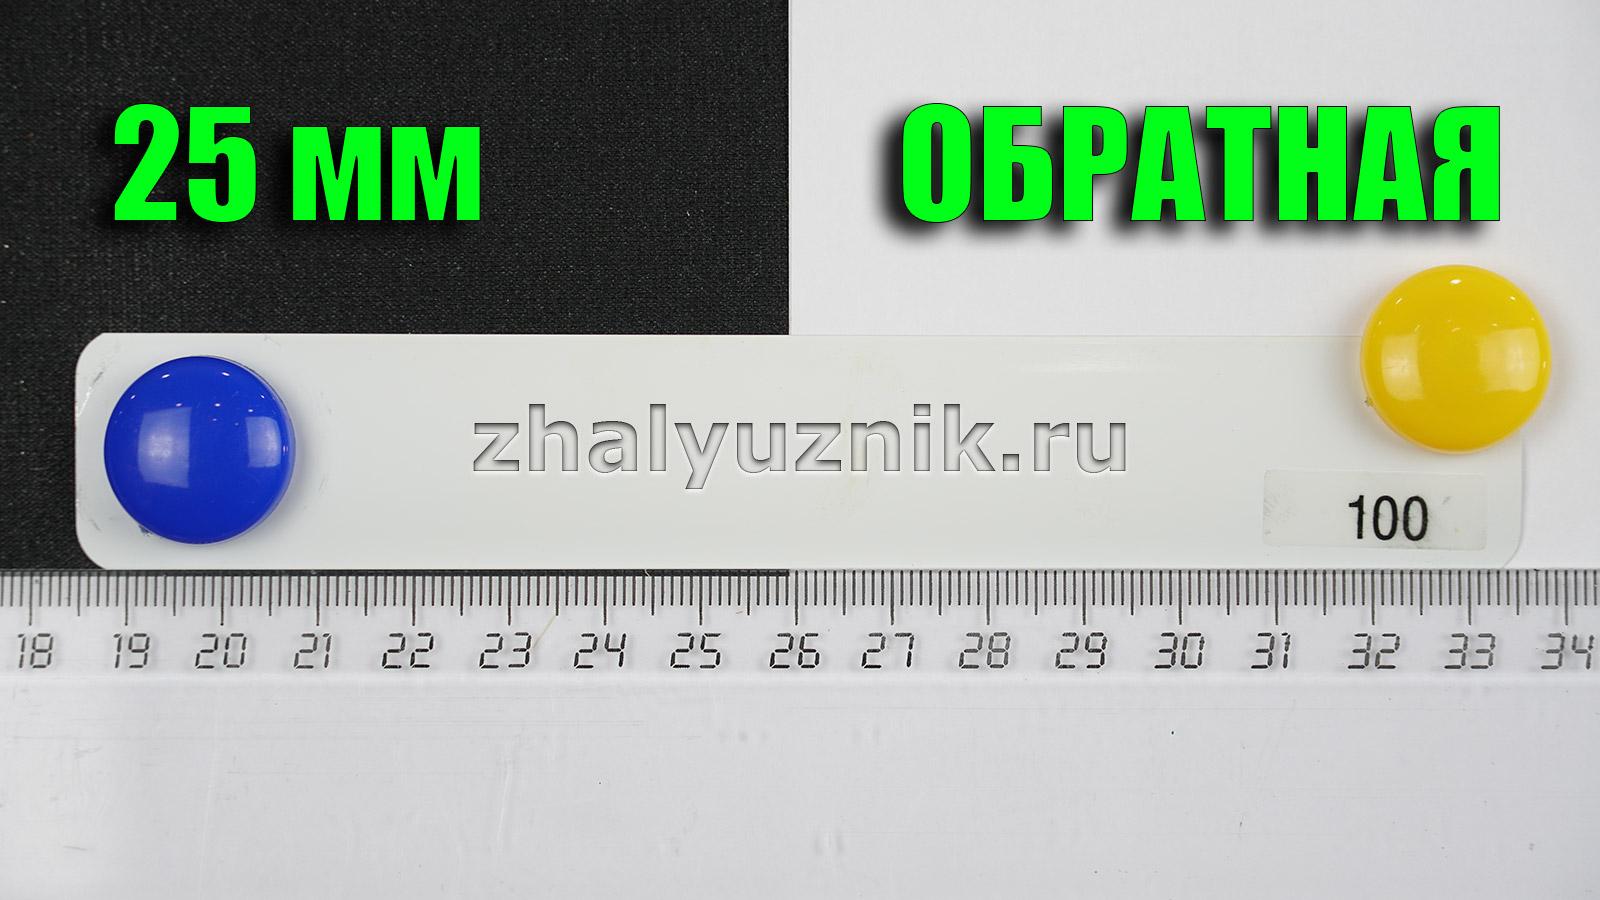 Горизонтальные жалюзи ИЗОТРА ХИТ-2 с ламелями-25 мм, цвет белый, глянец, артикул-100 (Интерсклад)